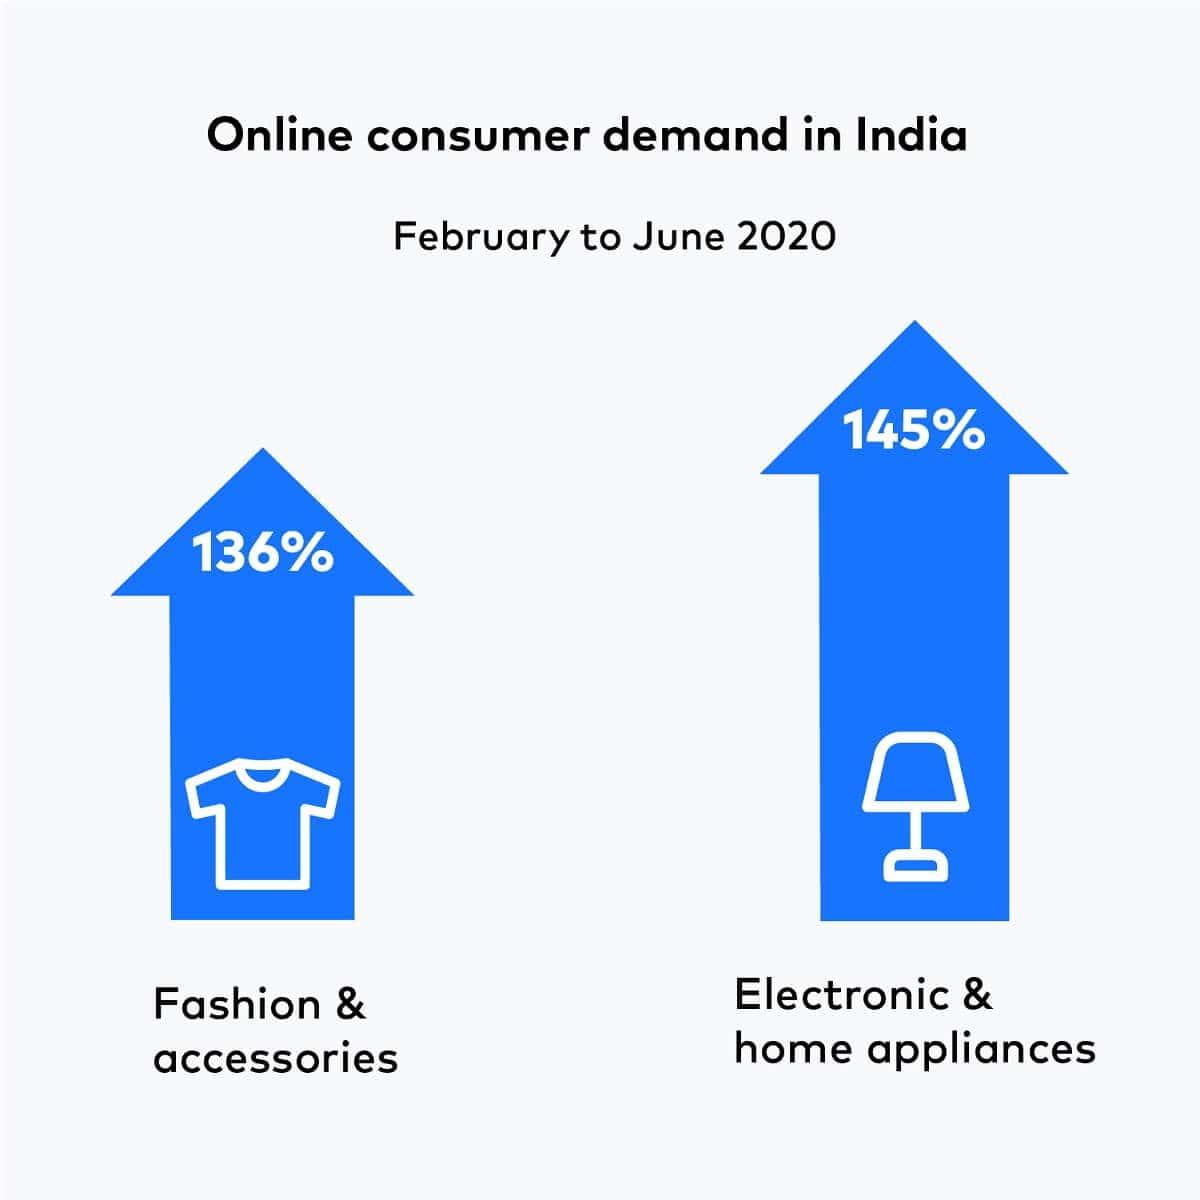 Online consumer demands in India